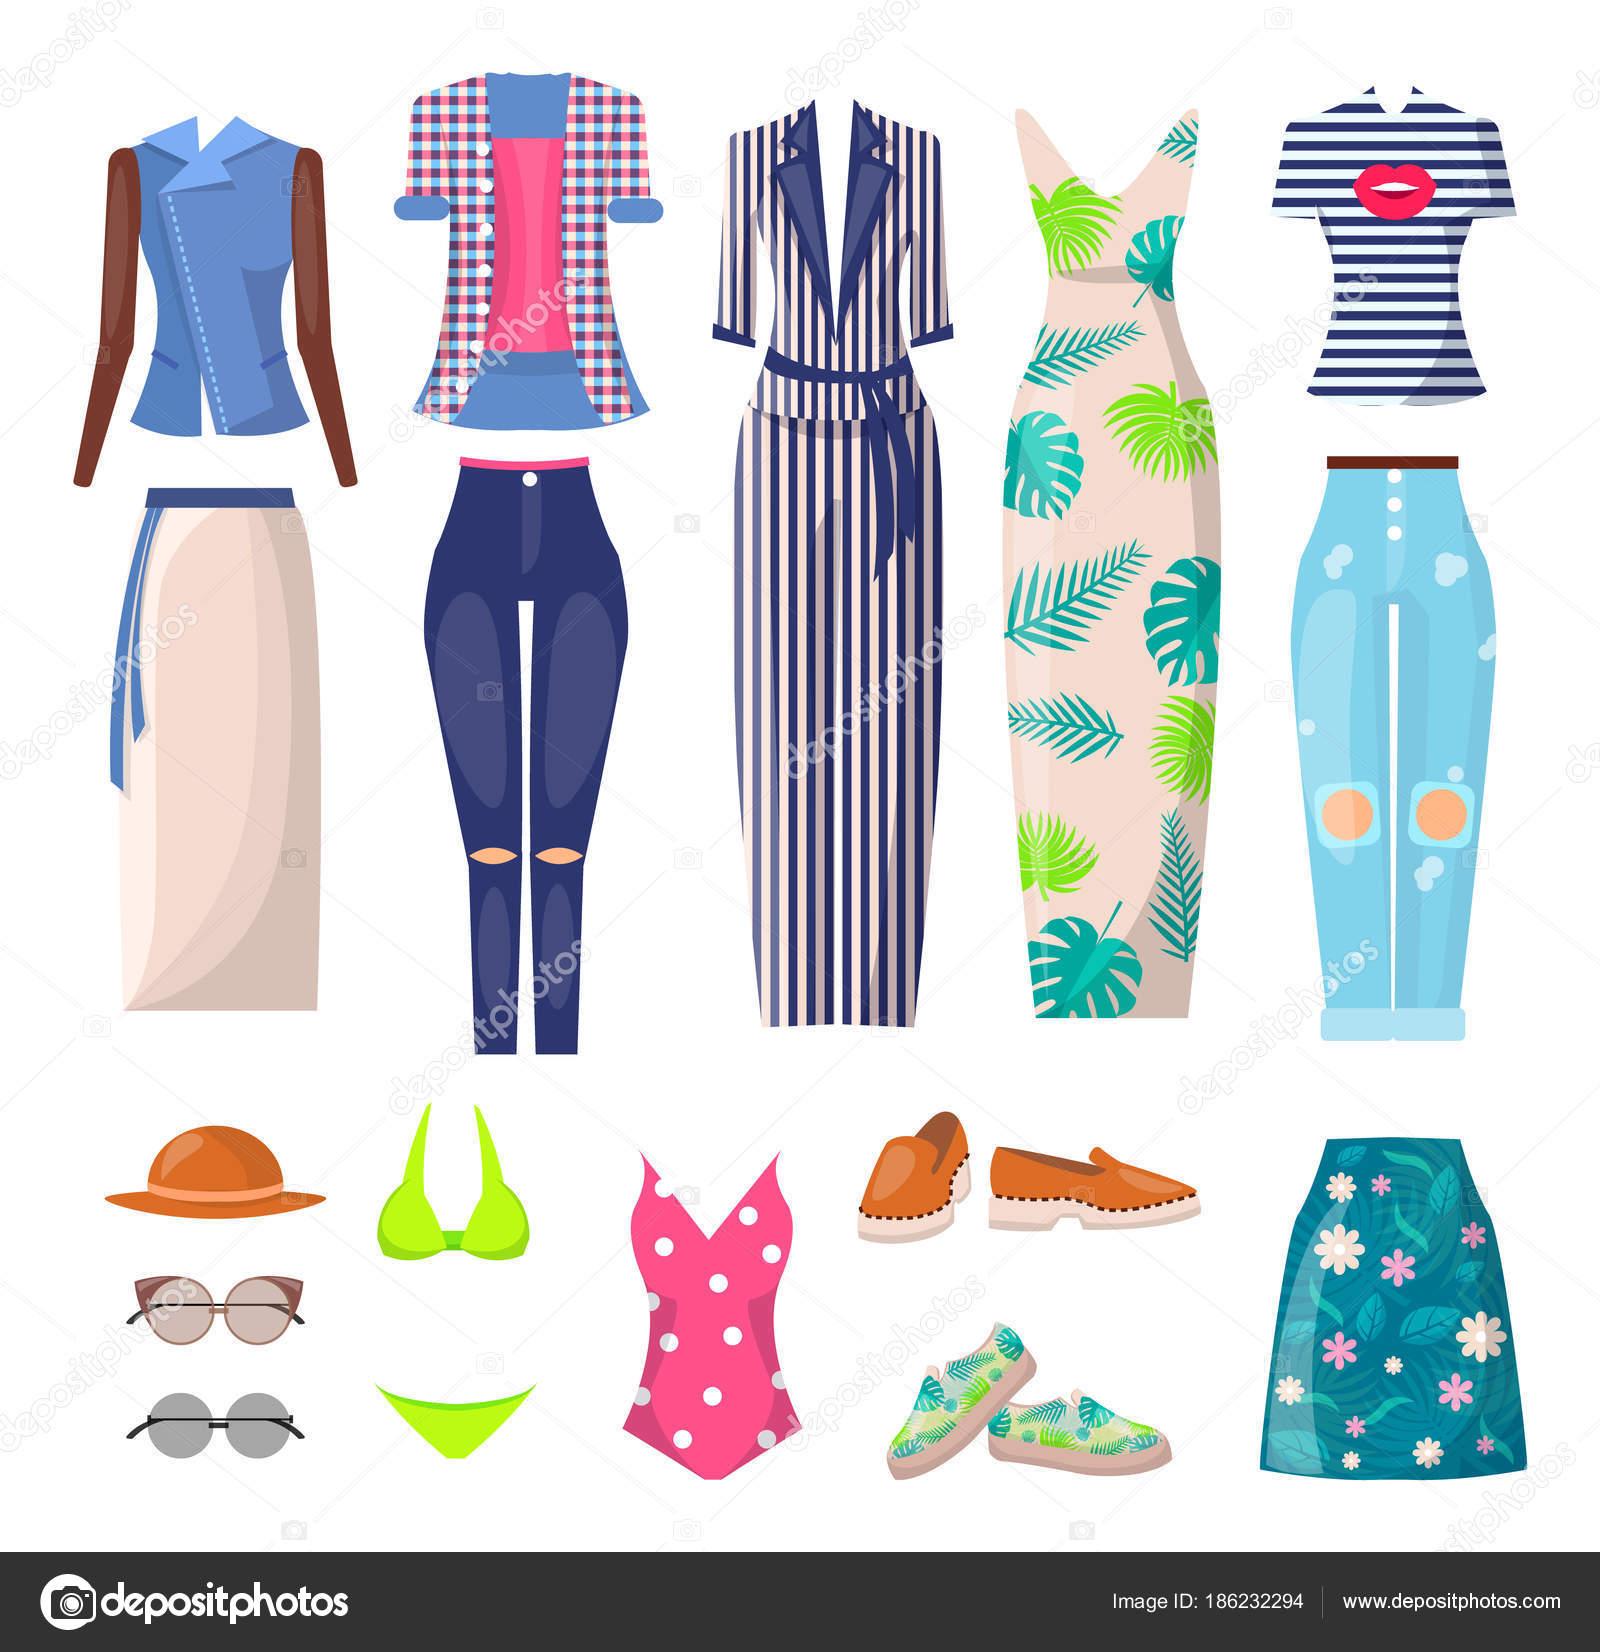 df25fb4cface42 Встановити режим літнього одягу, плакат з плаття і спідниці, плавальний  костюм і літніх режим, Топ і взуття, футболку і сонцезахисні окуляри, ...